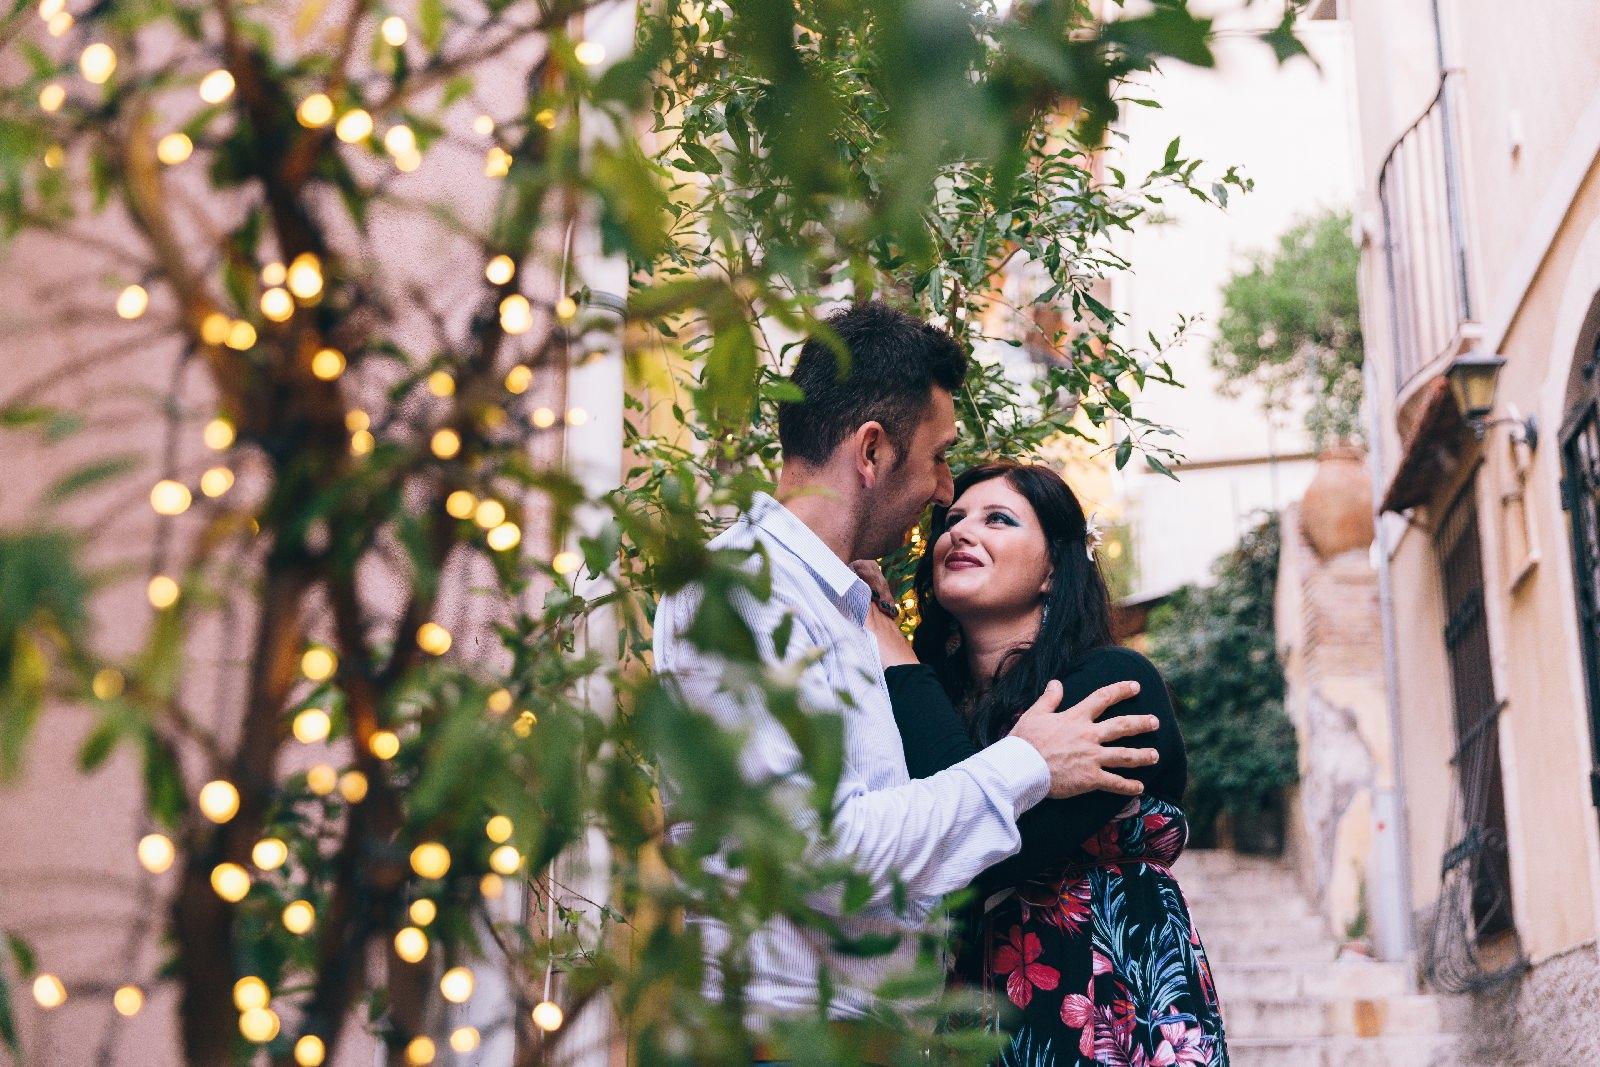 035-2018-09-22-Engagement-Alessandra-e-Igor-Pizzone-5DE-061